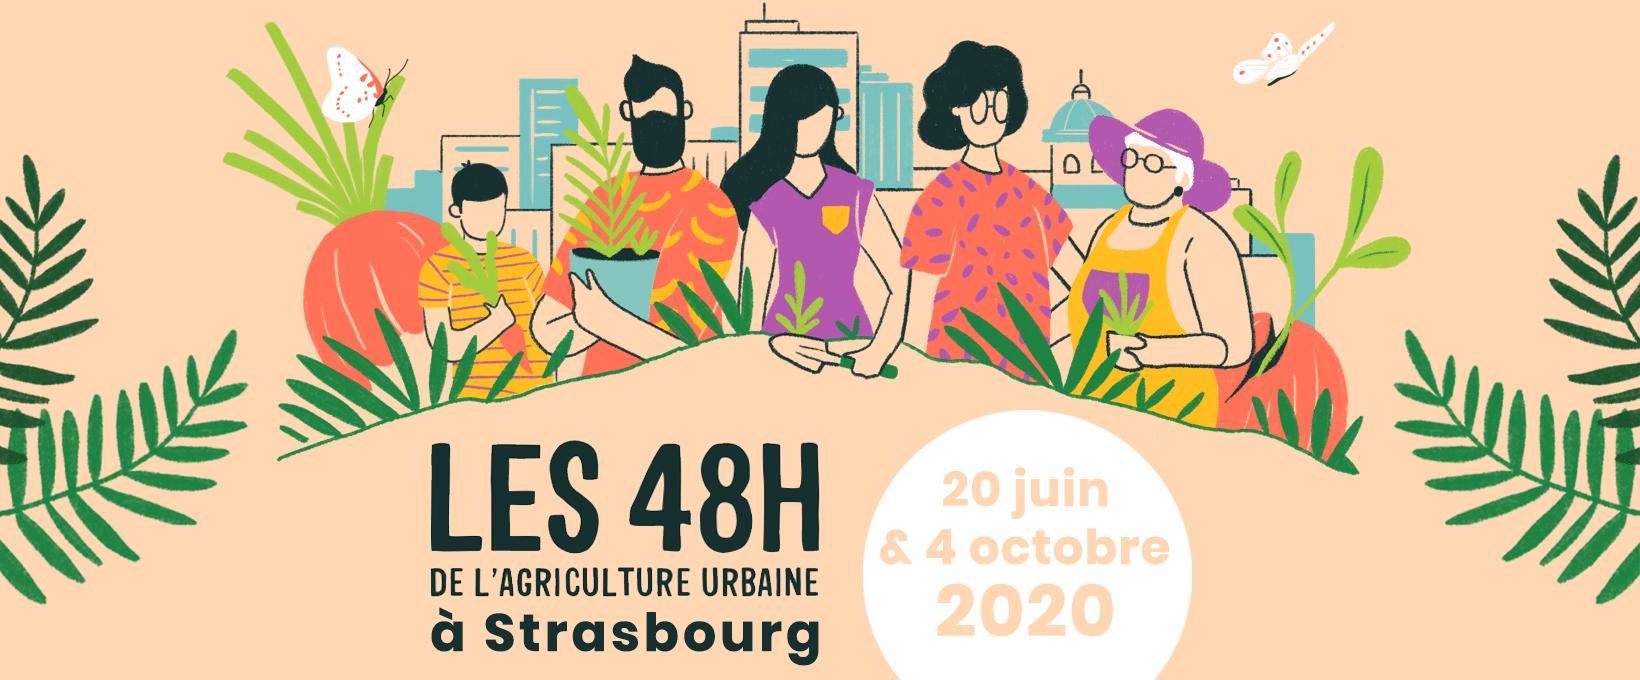 Les-48H-à-Strasbourg_2020